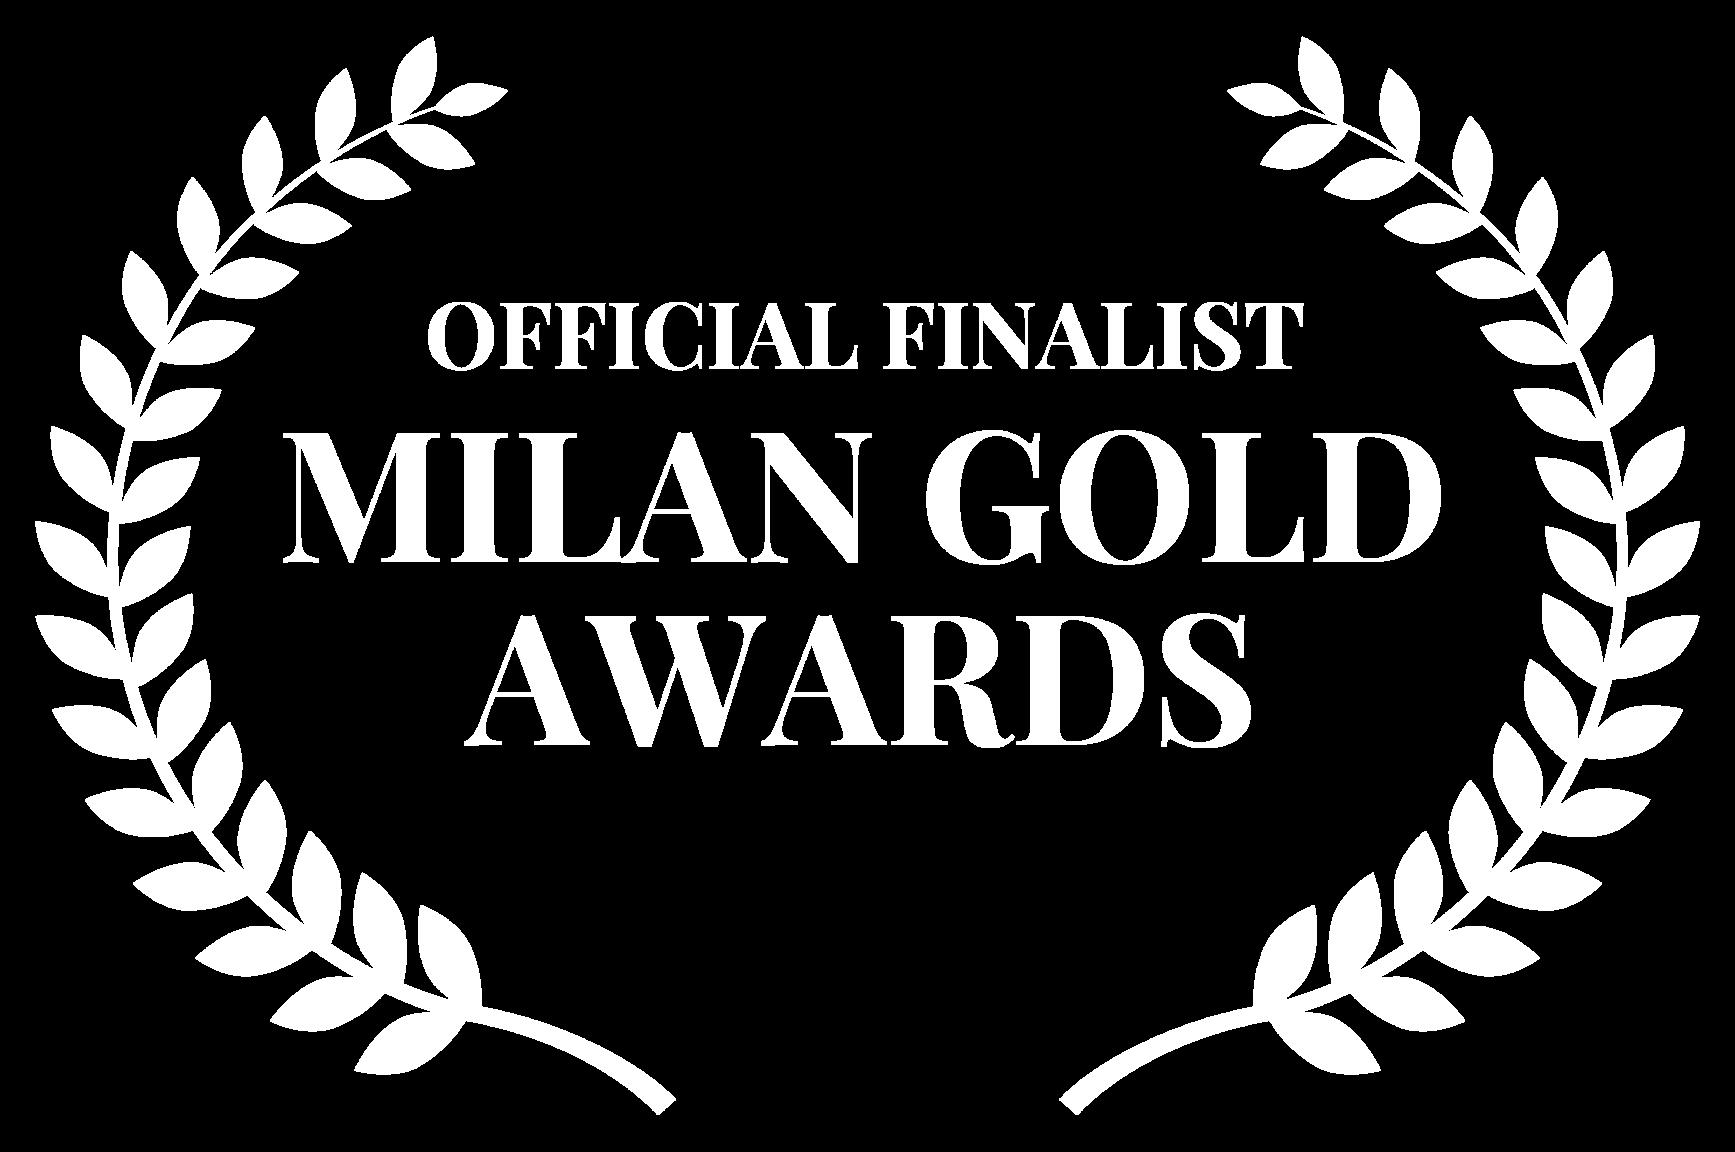 Finalista Milan Golds Awards